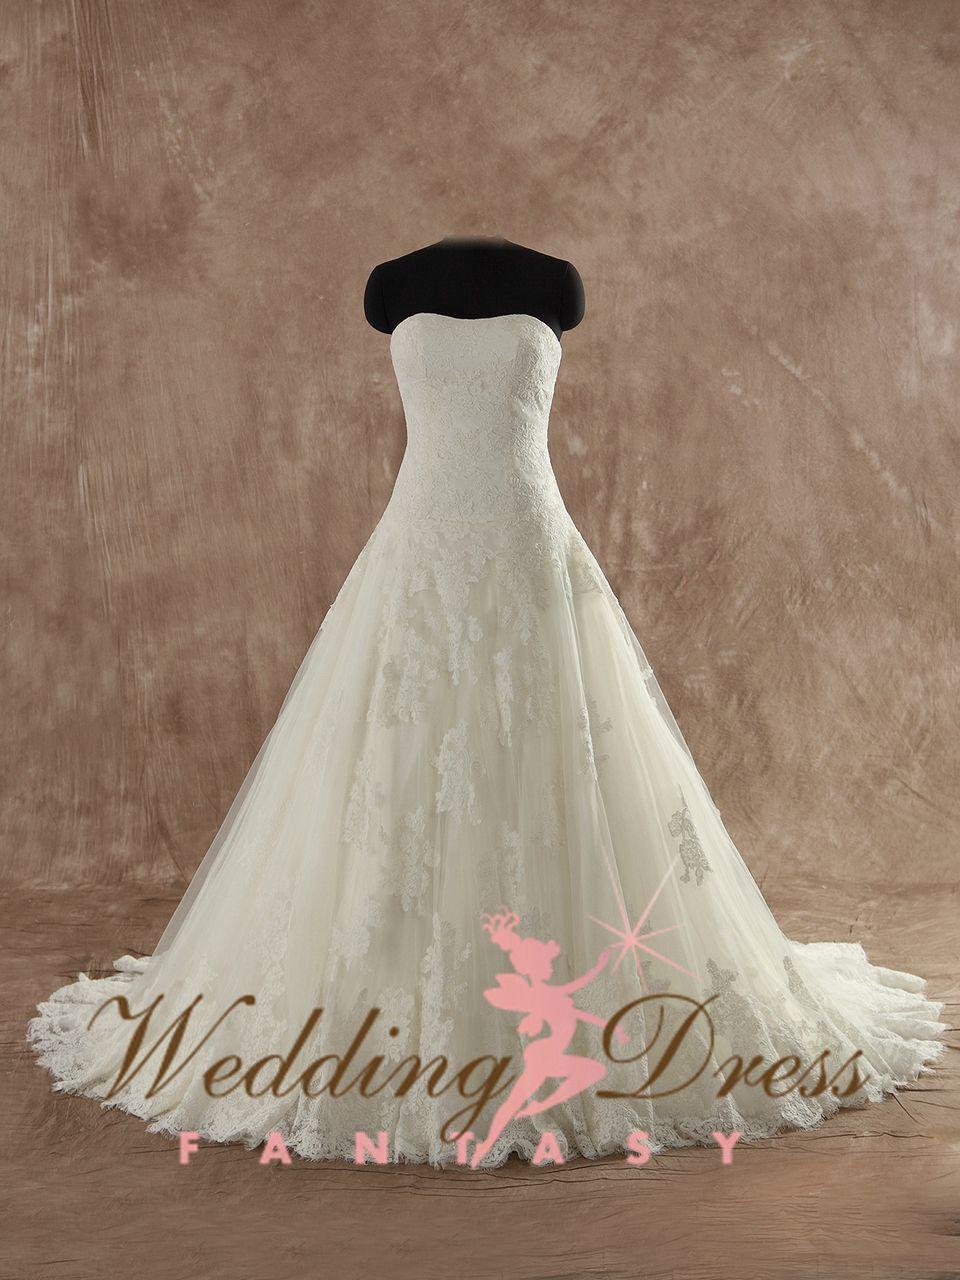 Gorgeous Aline Lace Wedding Dress | Lace wedding dresses, Lace ...